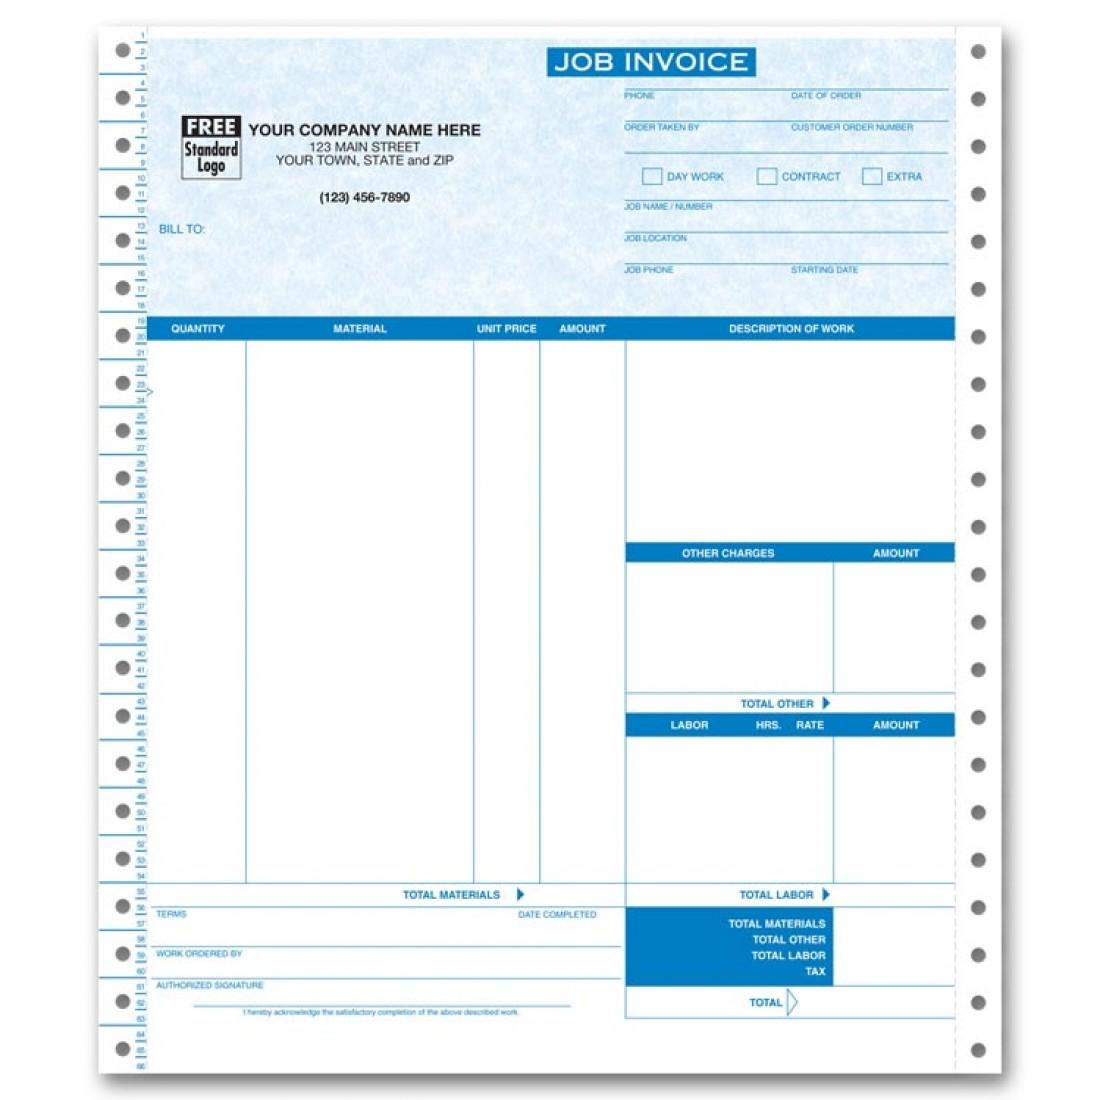 Continuous Job Invoice - Parchment